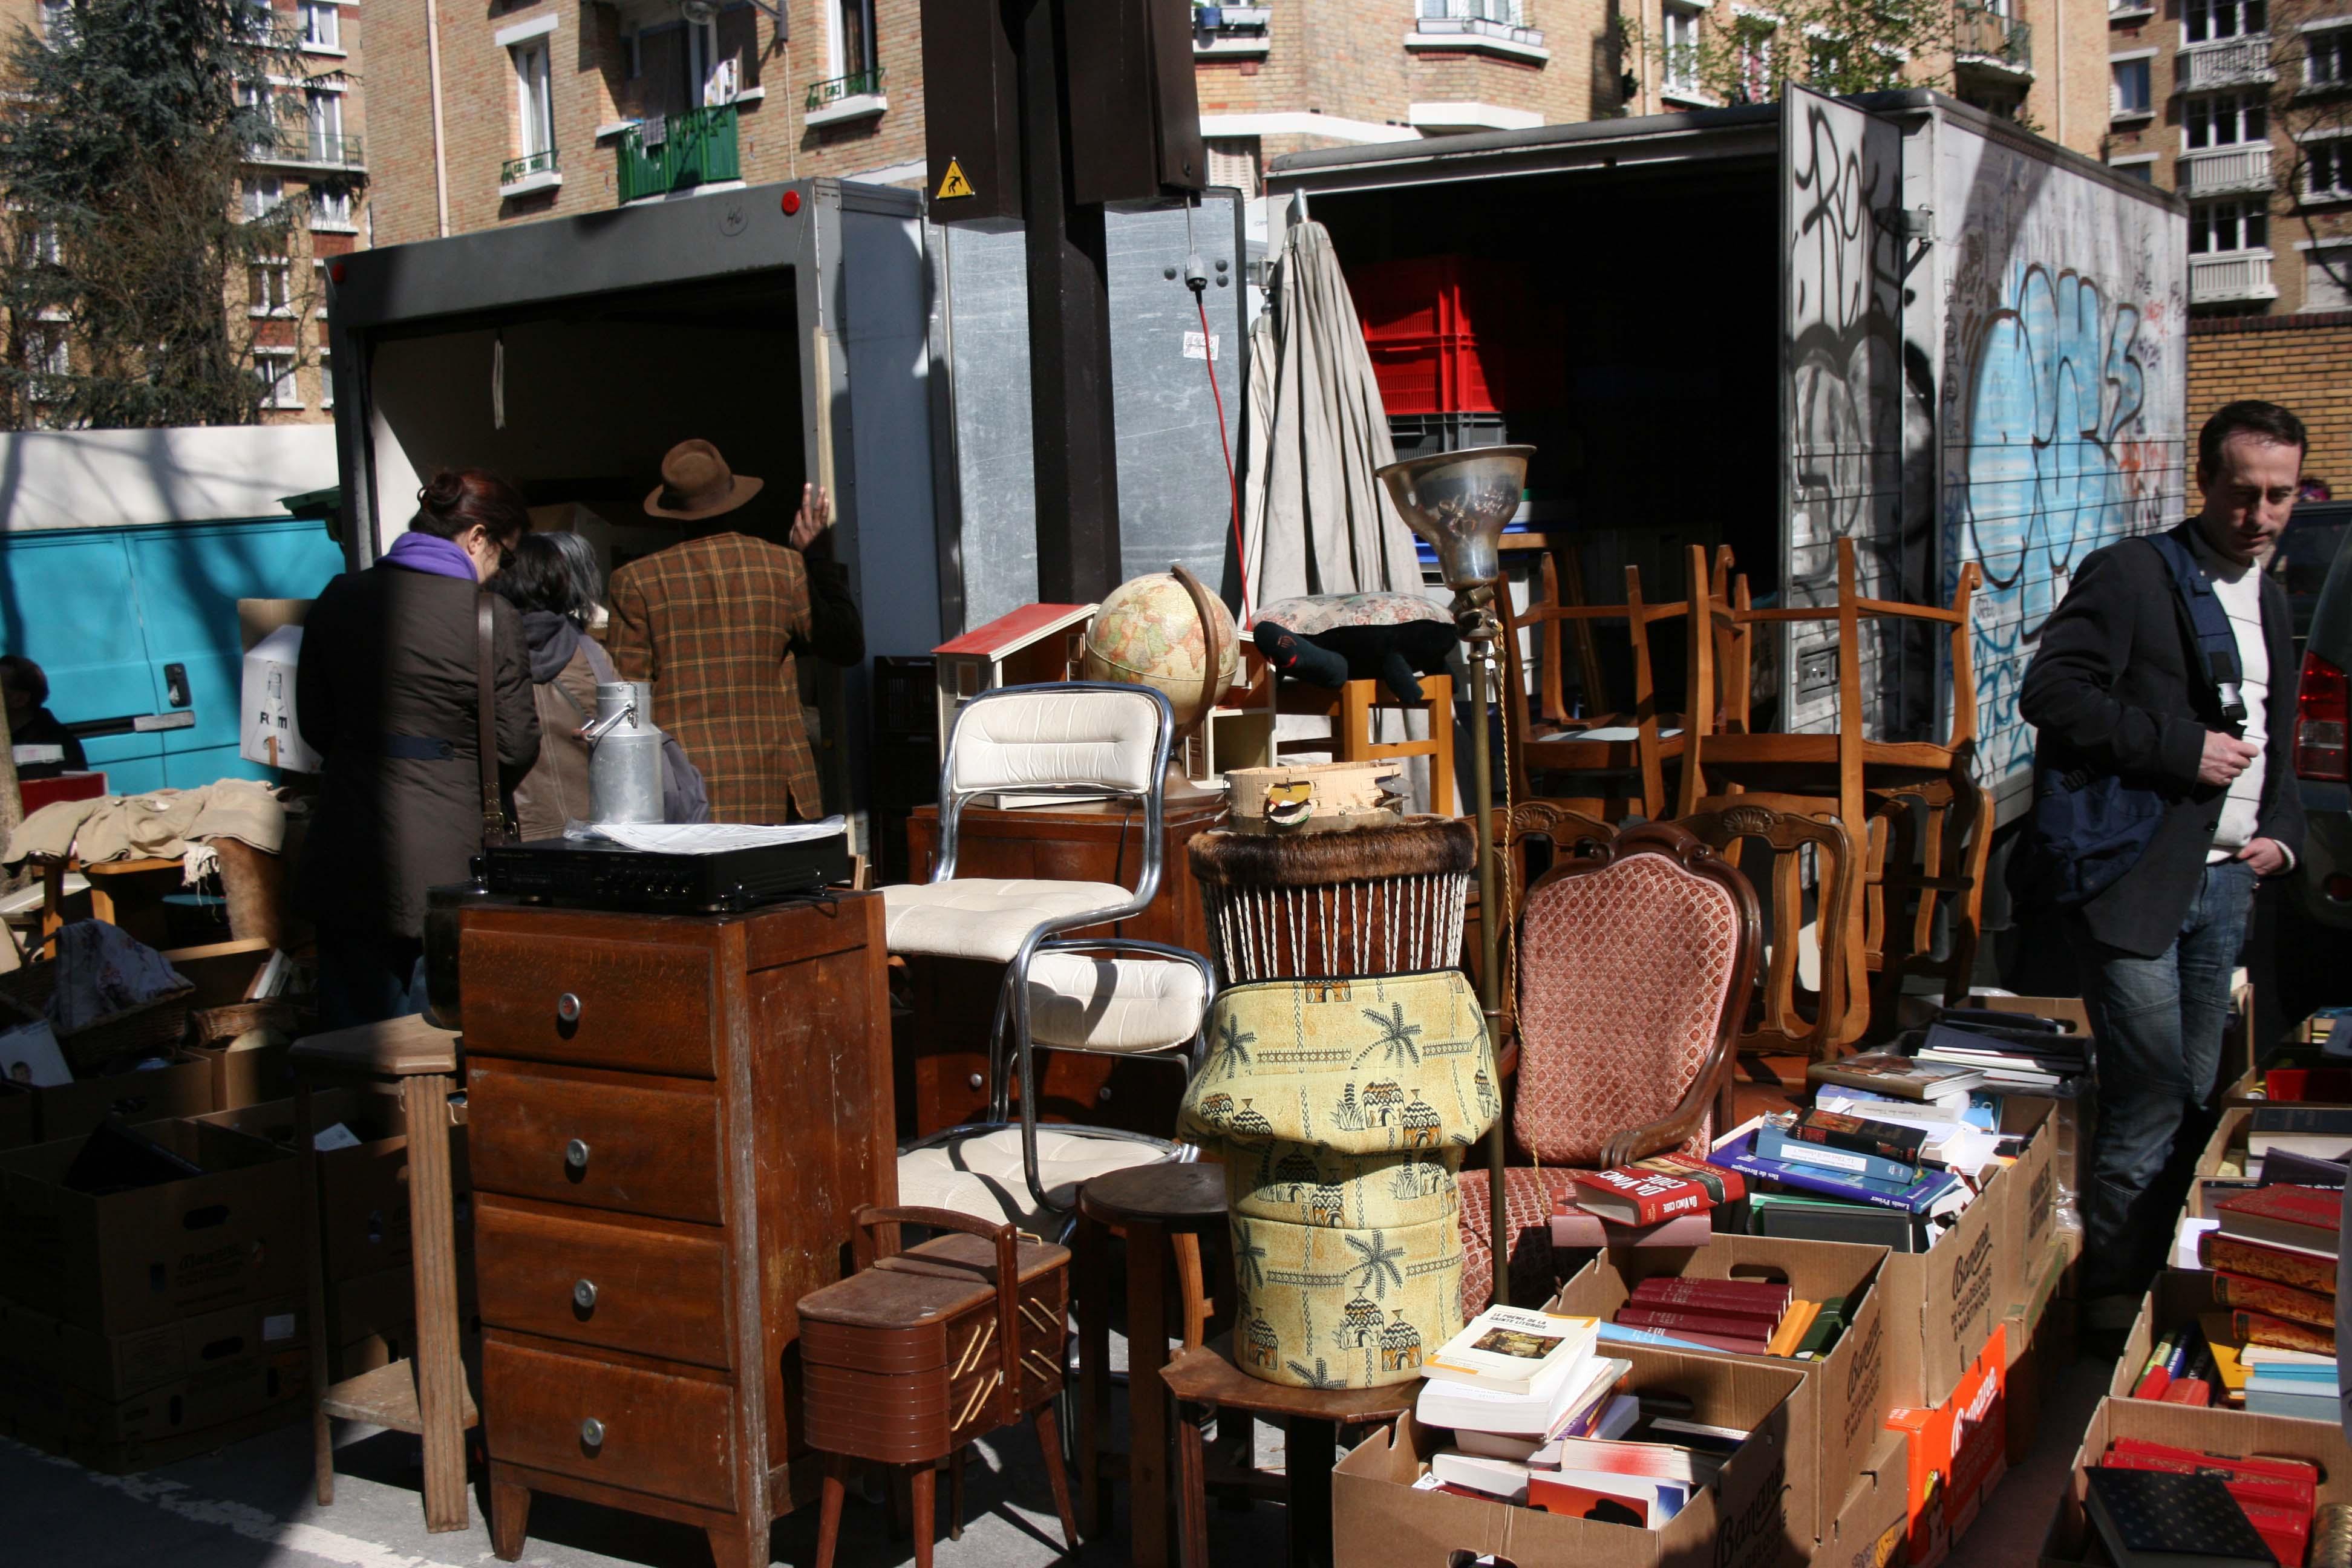 Paris marches aux puces de la porte de vanves - Marche aux puces de la porte de vanves ...